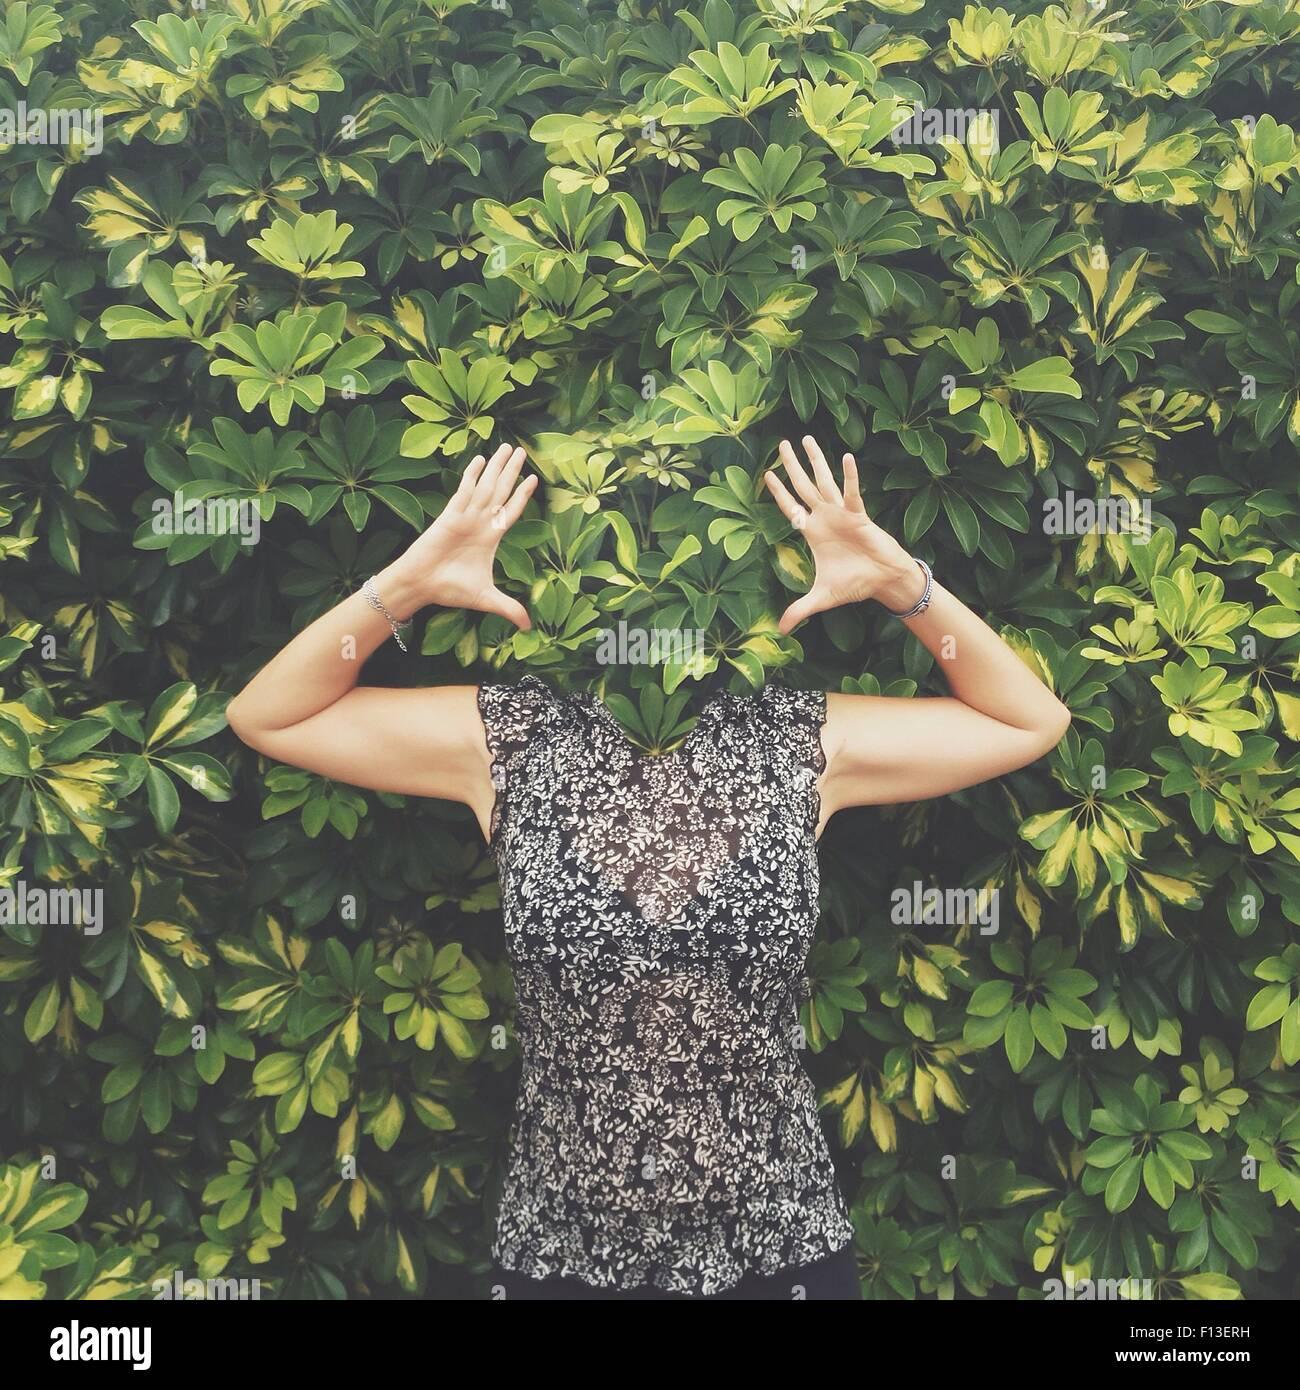 Las mujeres con la cara escondida detrás de las hojas de pie con los brazos levantados Imagen De Stock